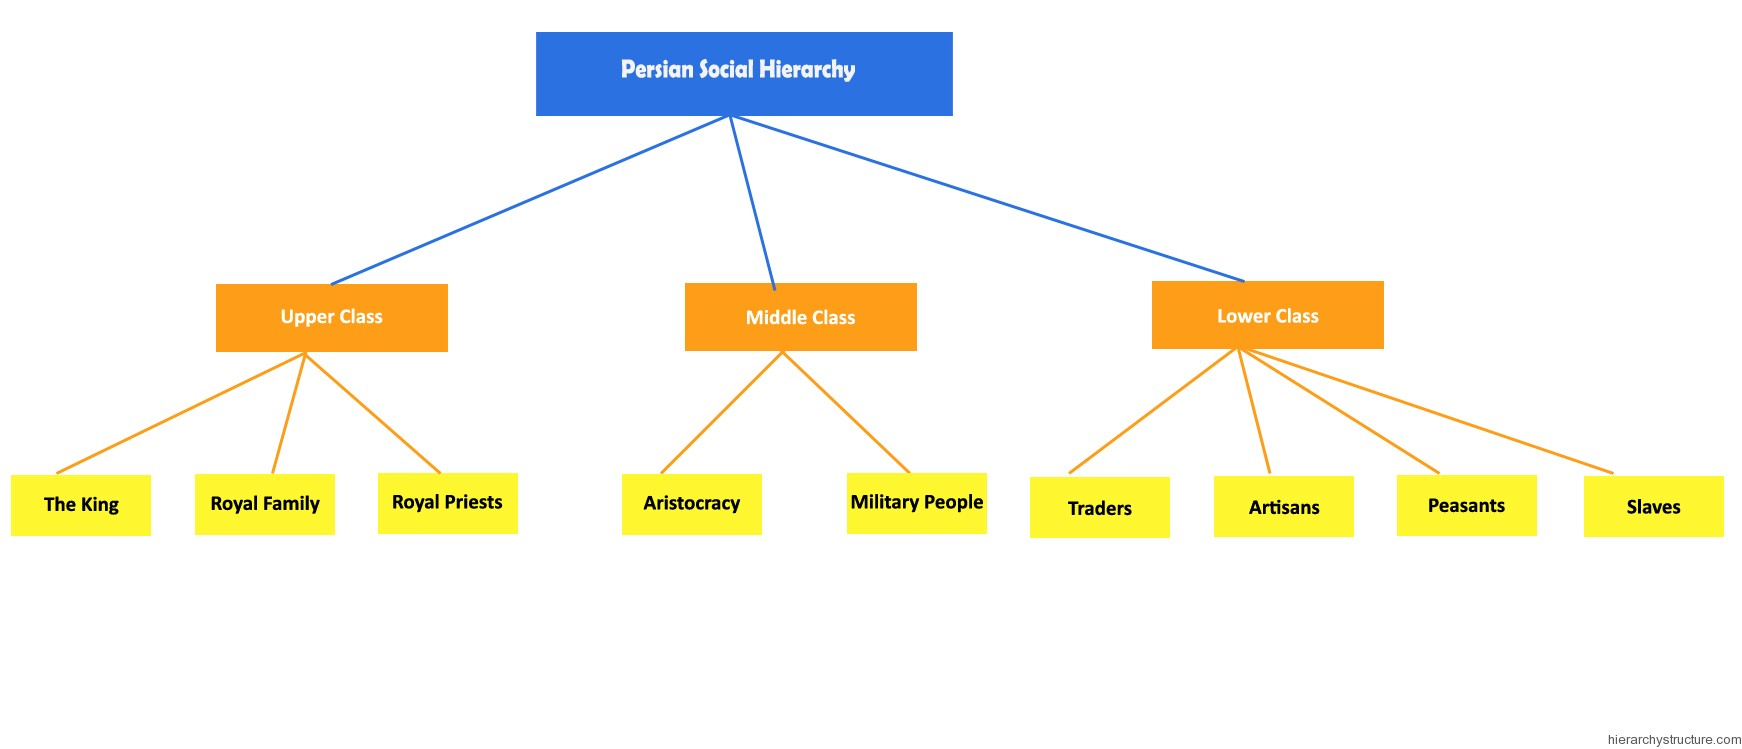 Persian Social Hierarchy